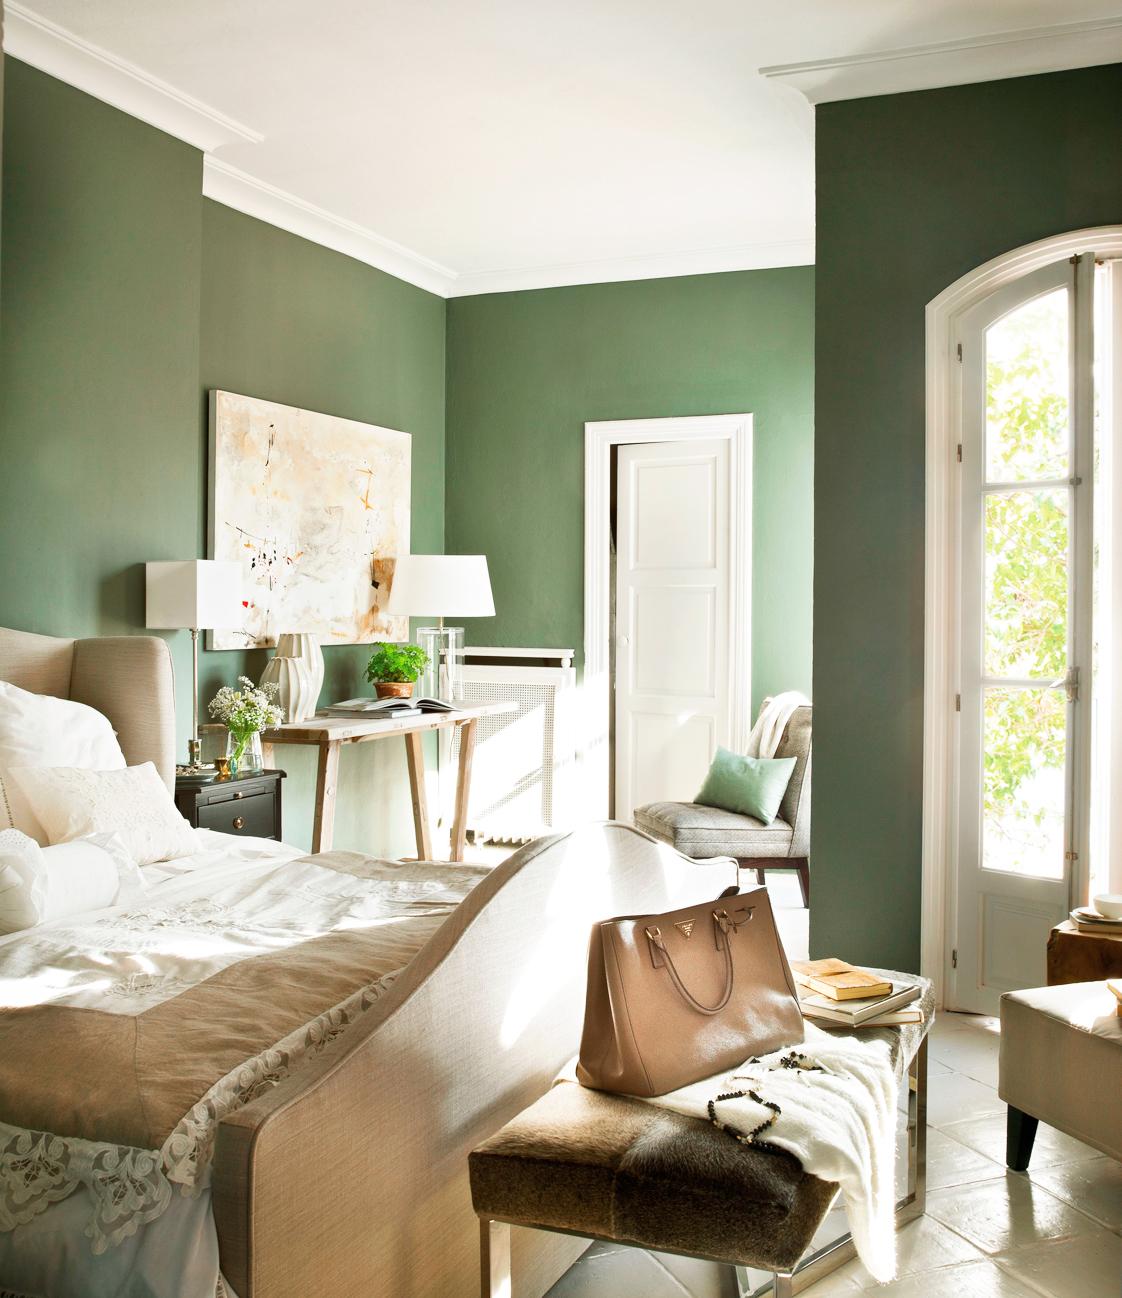 C mo elegir el color para tu casa Color blanco roto para paredes